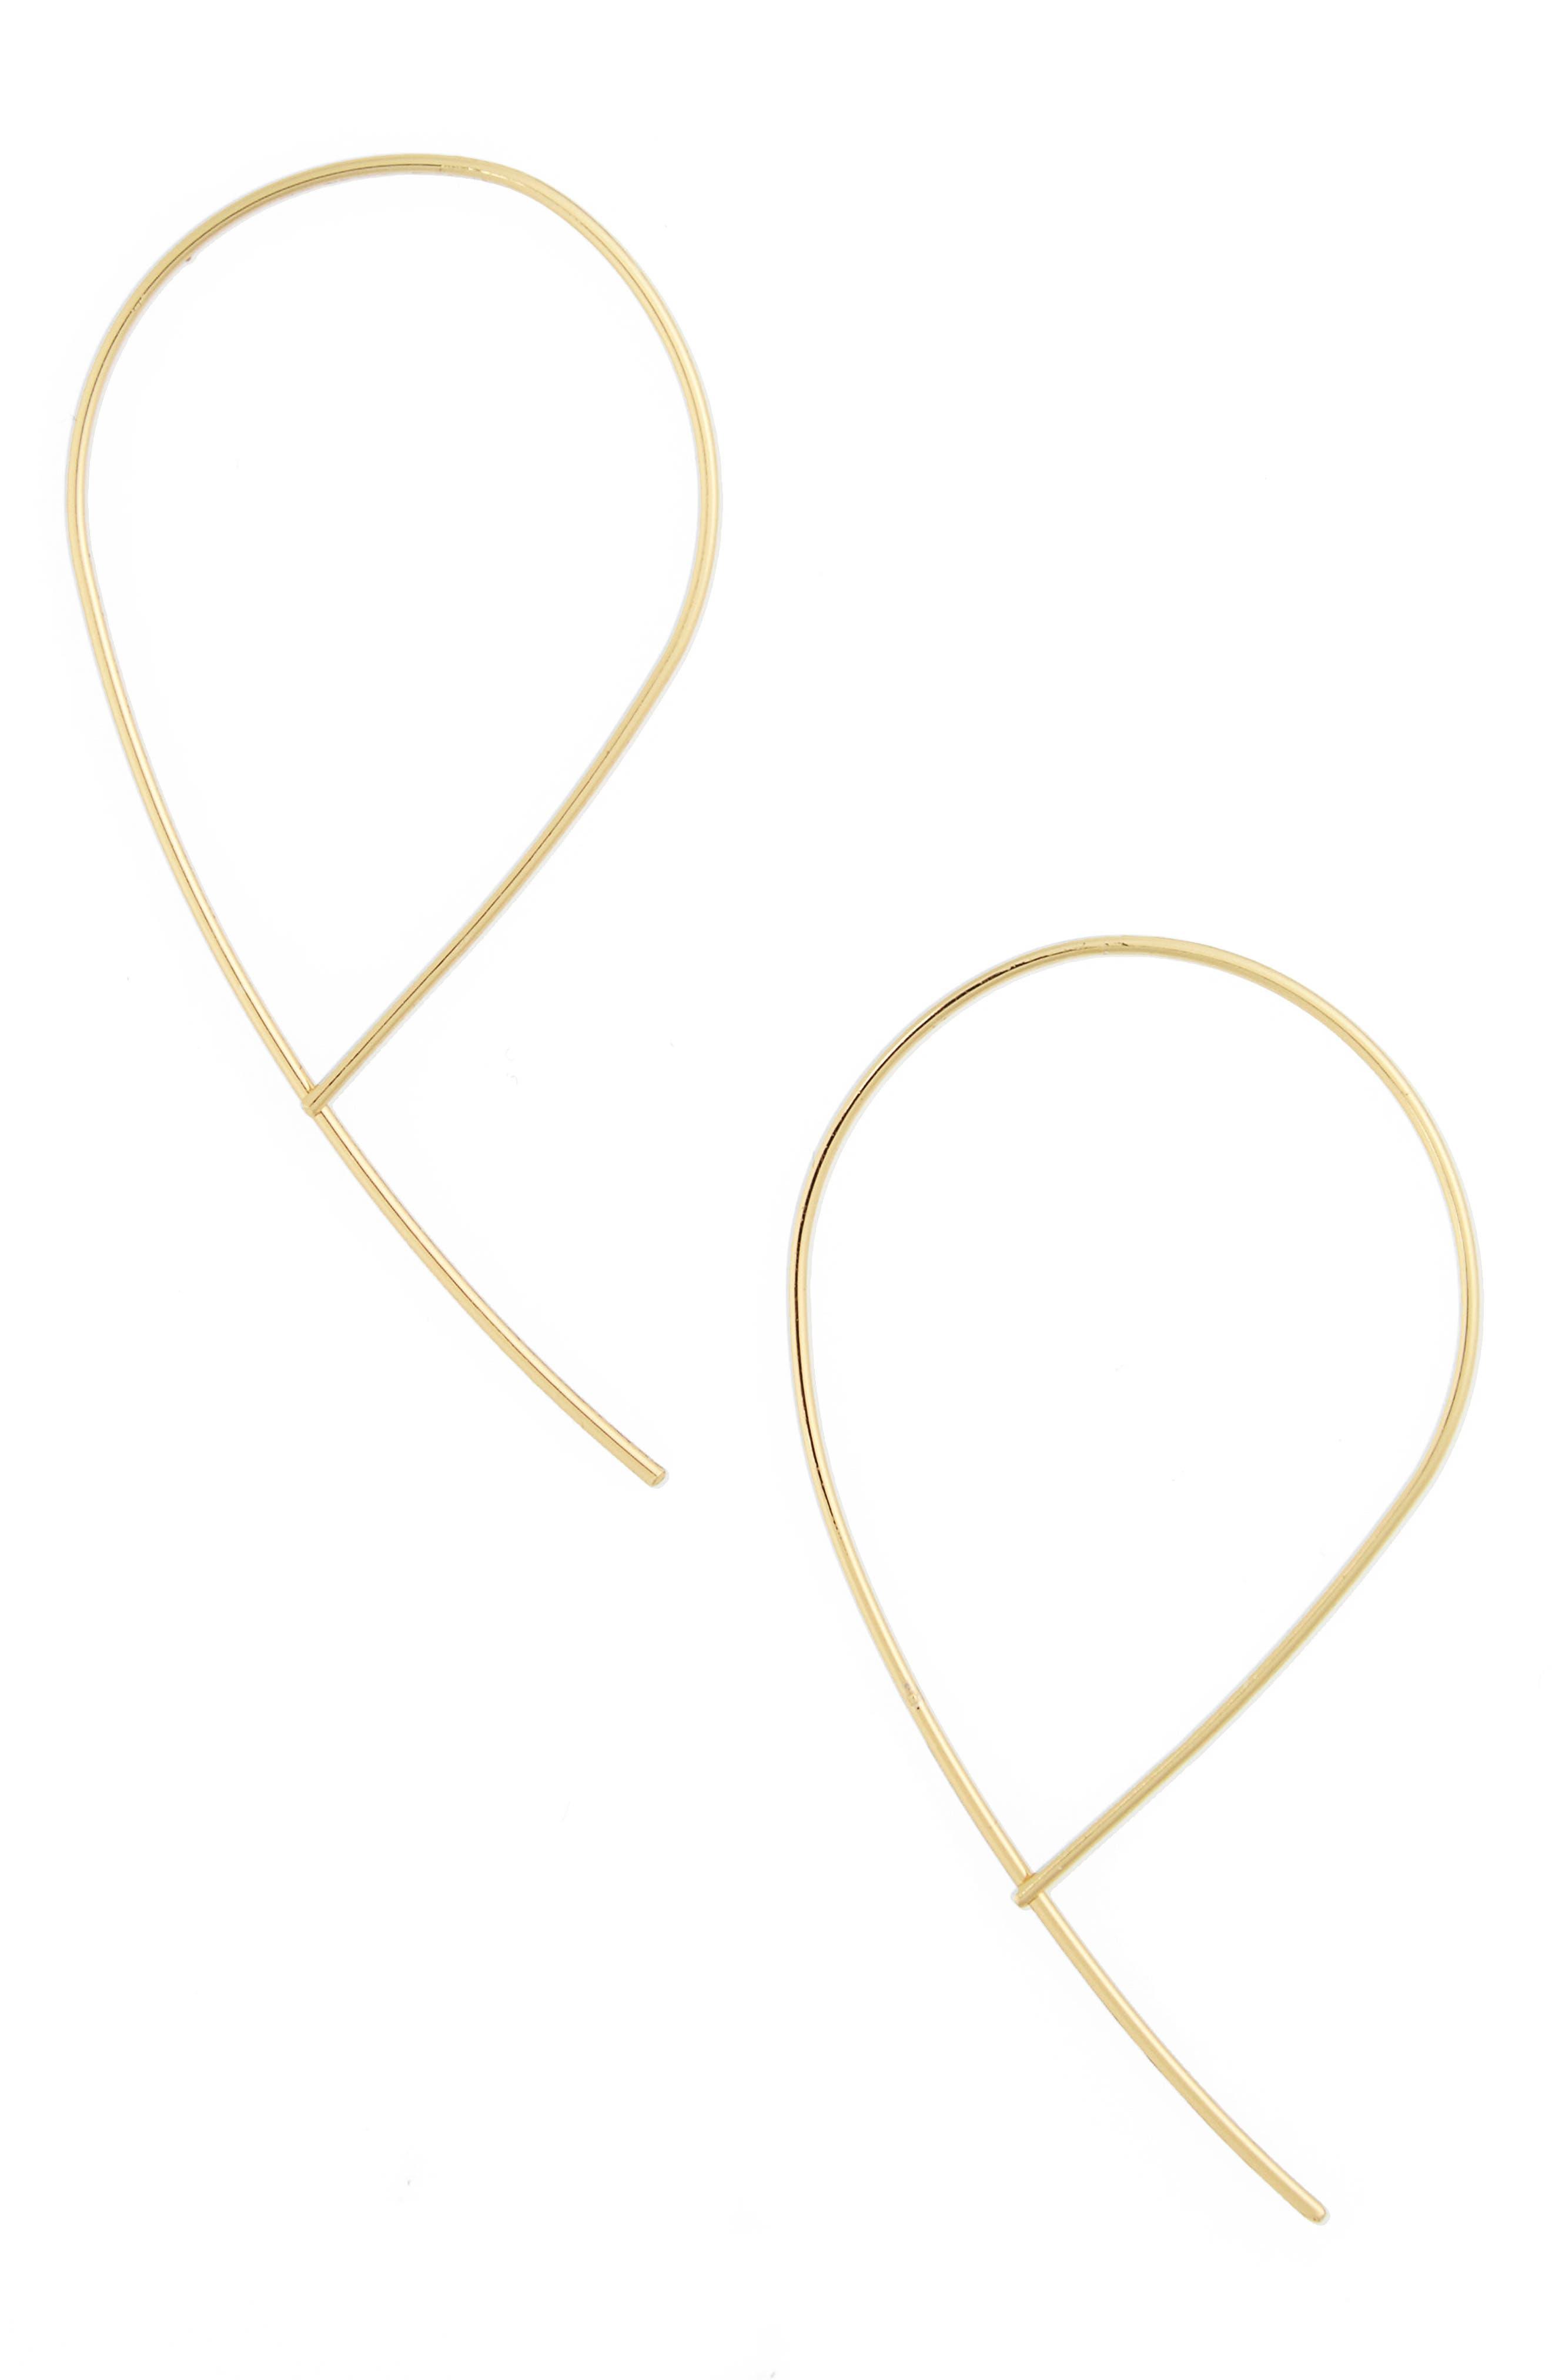 Main Image - BaubleBar Arie Threader Earrings